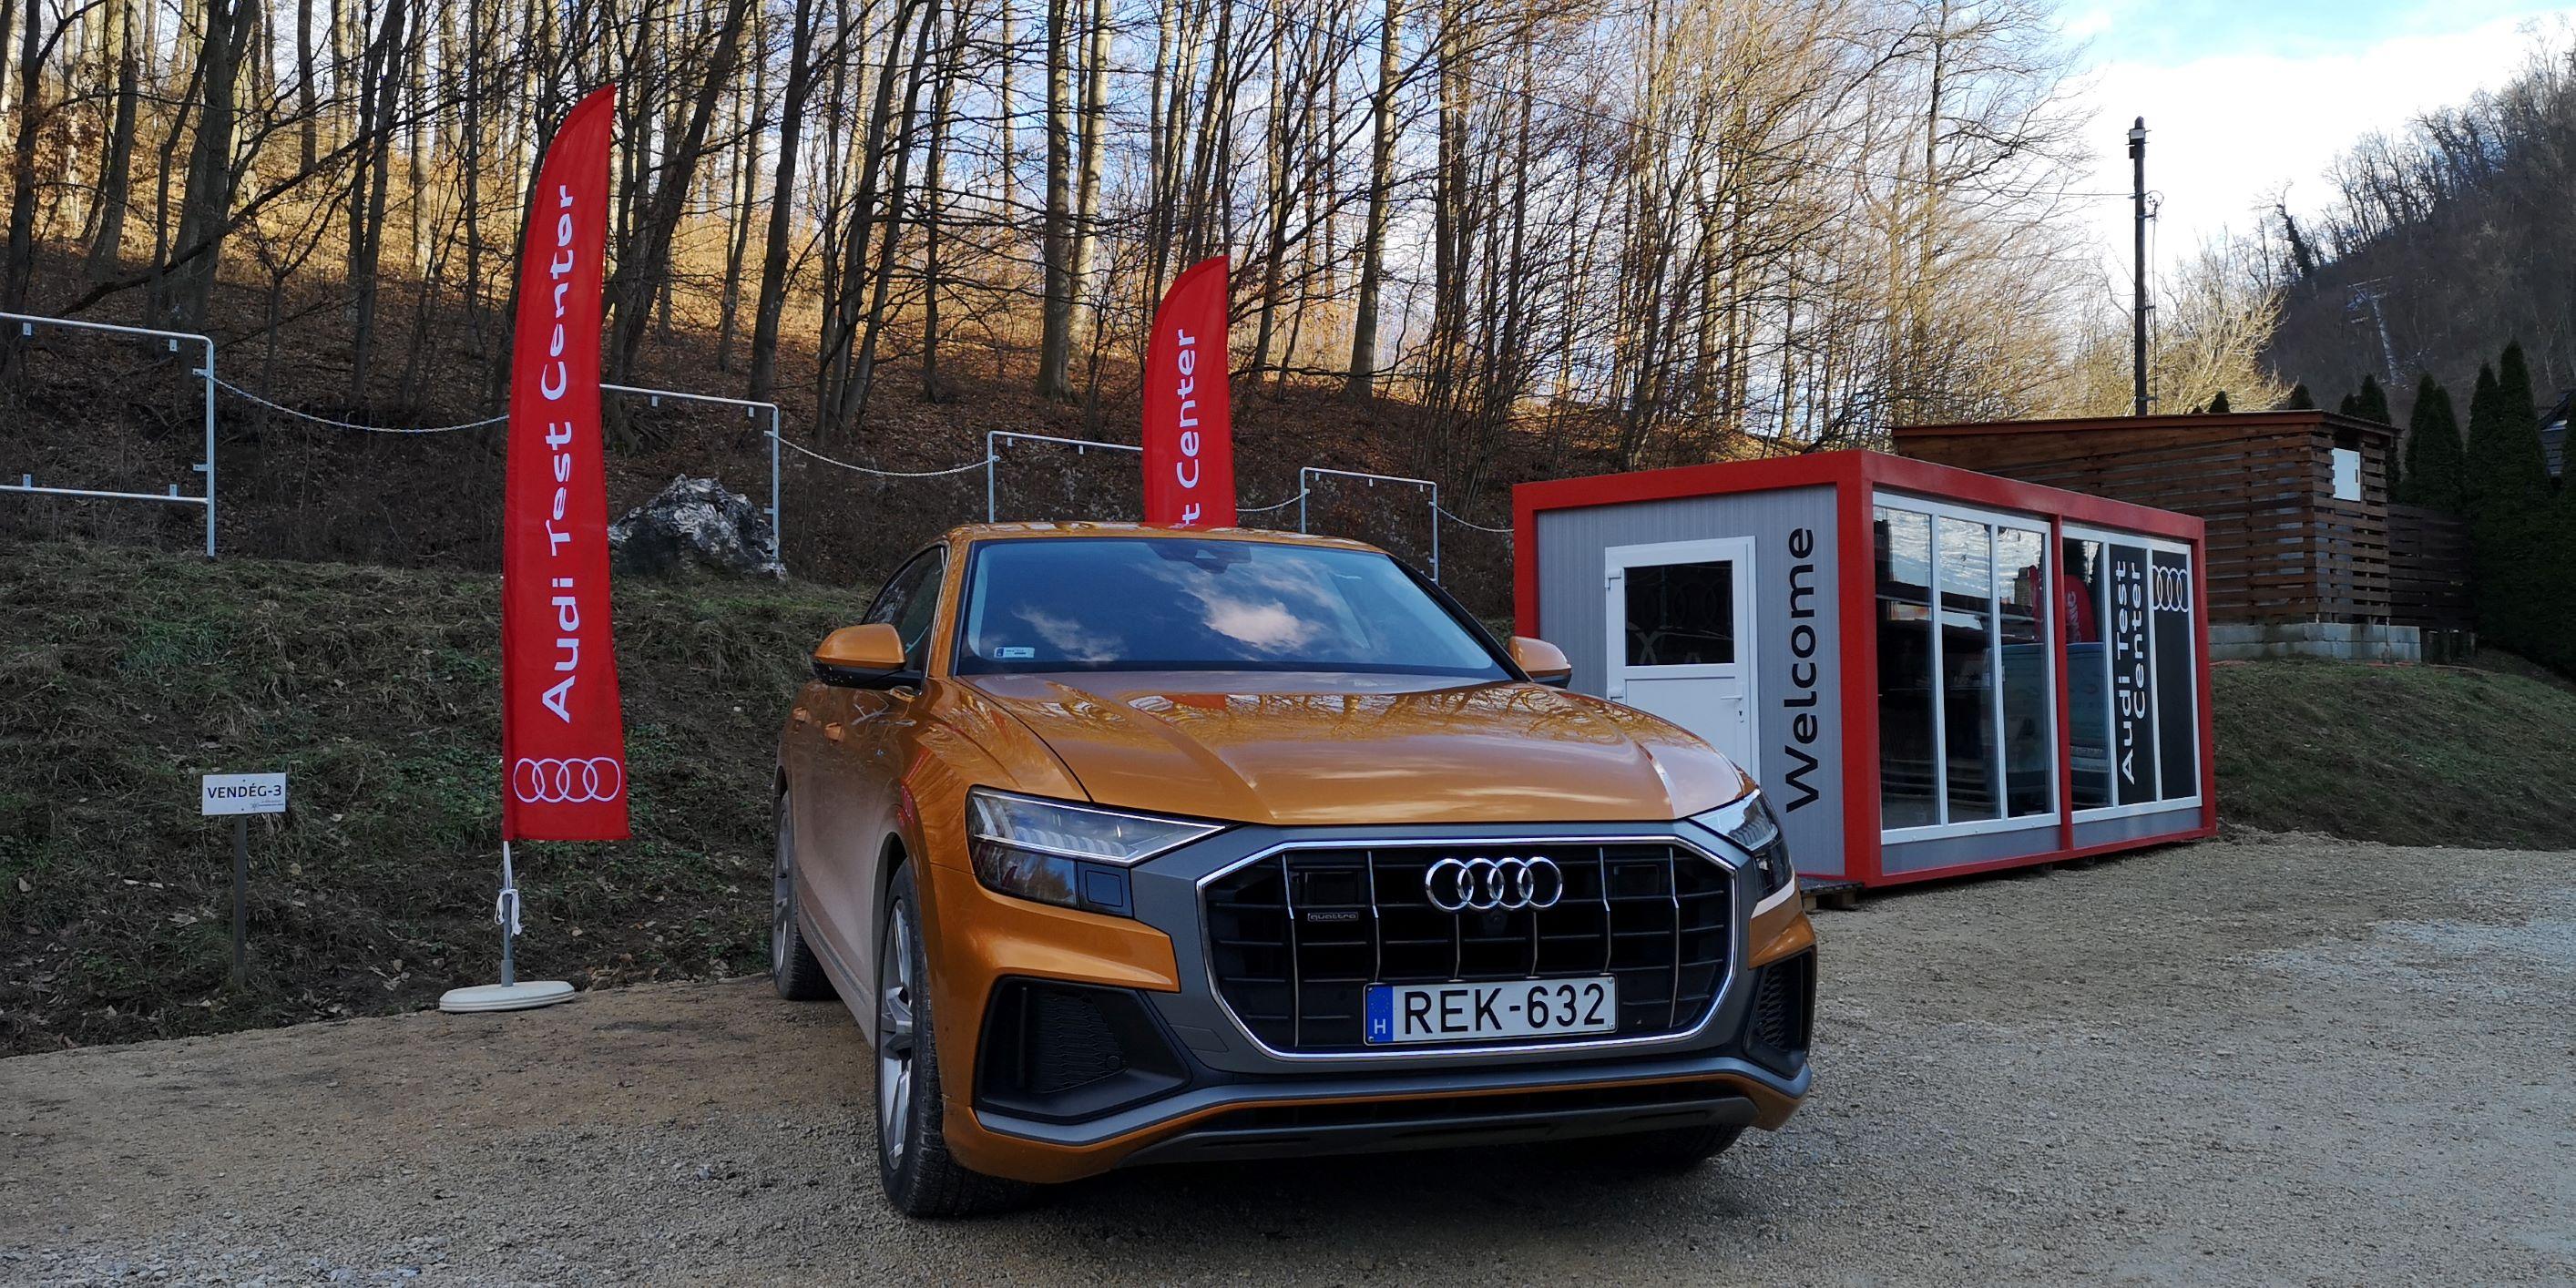 Tesztelt a legújabb Audi modelleket Síaréna belépőddel! Éld át a fejlődést!